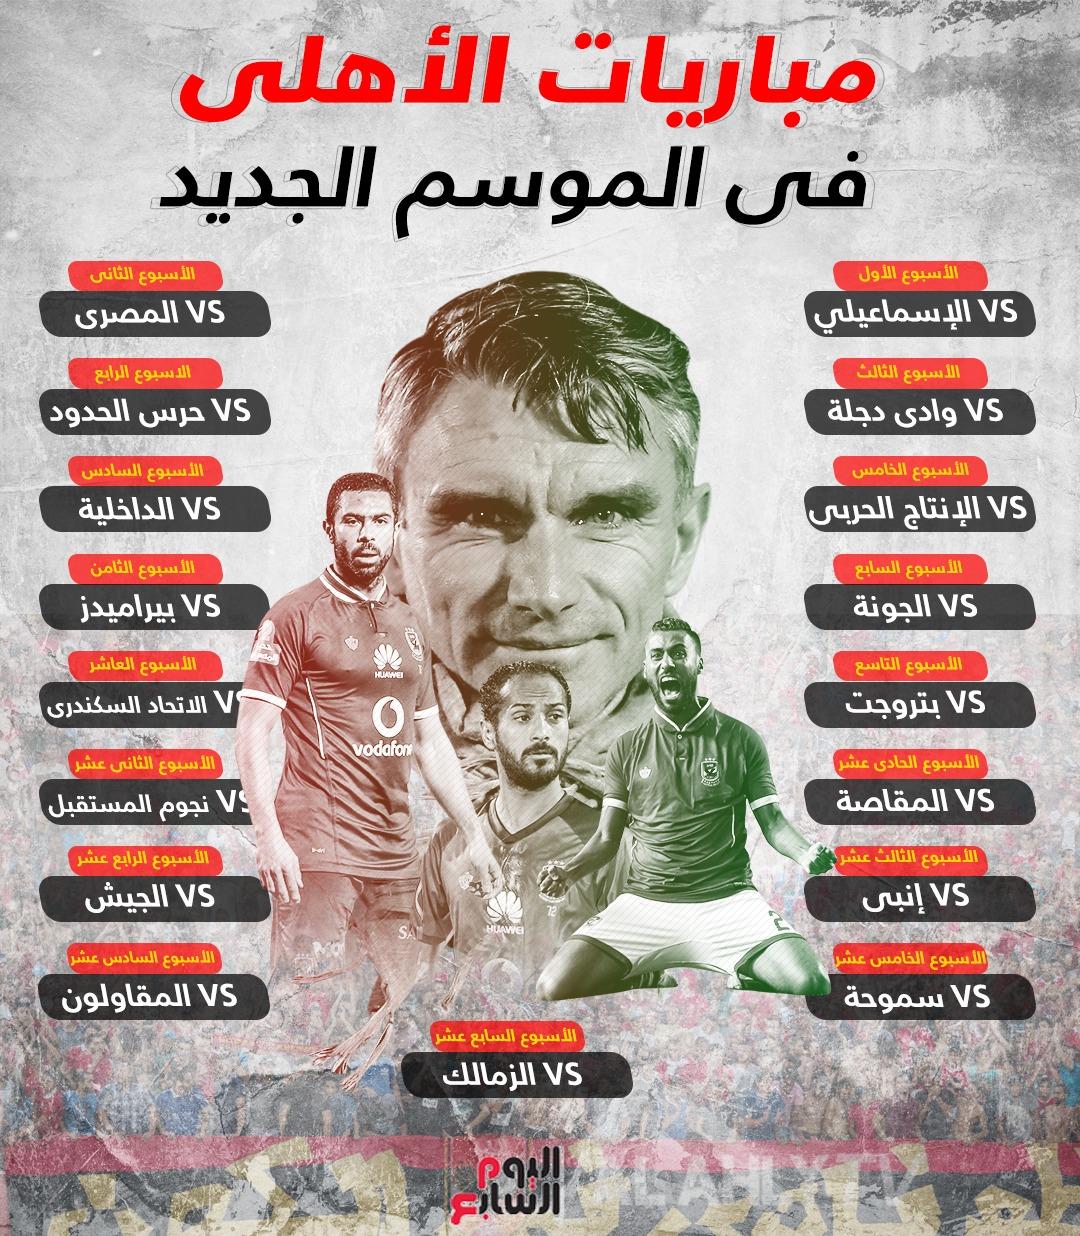 مواعيد مباريات الاهلي المصري